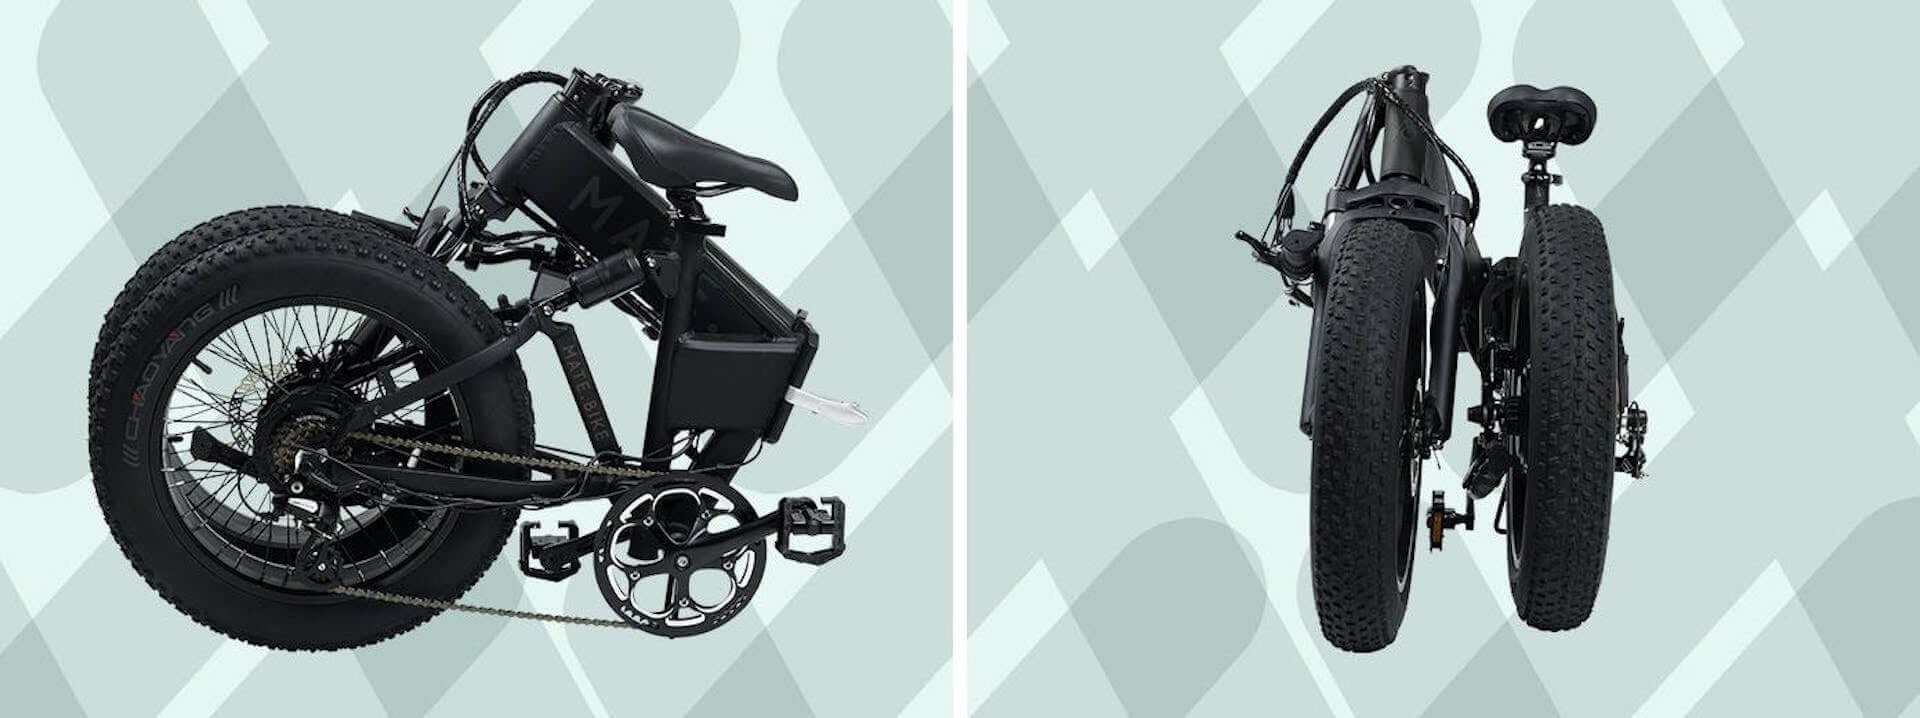 18億円超の支援を集めた折り畳み式電動自転車『MATE X』が日本に上陸!クラウドファンディングが本日開始 life200408_mate_bike_3-1920x718